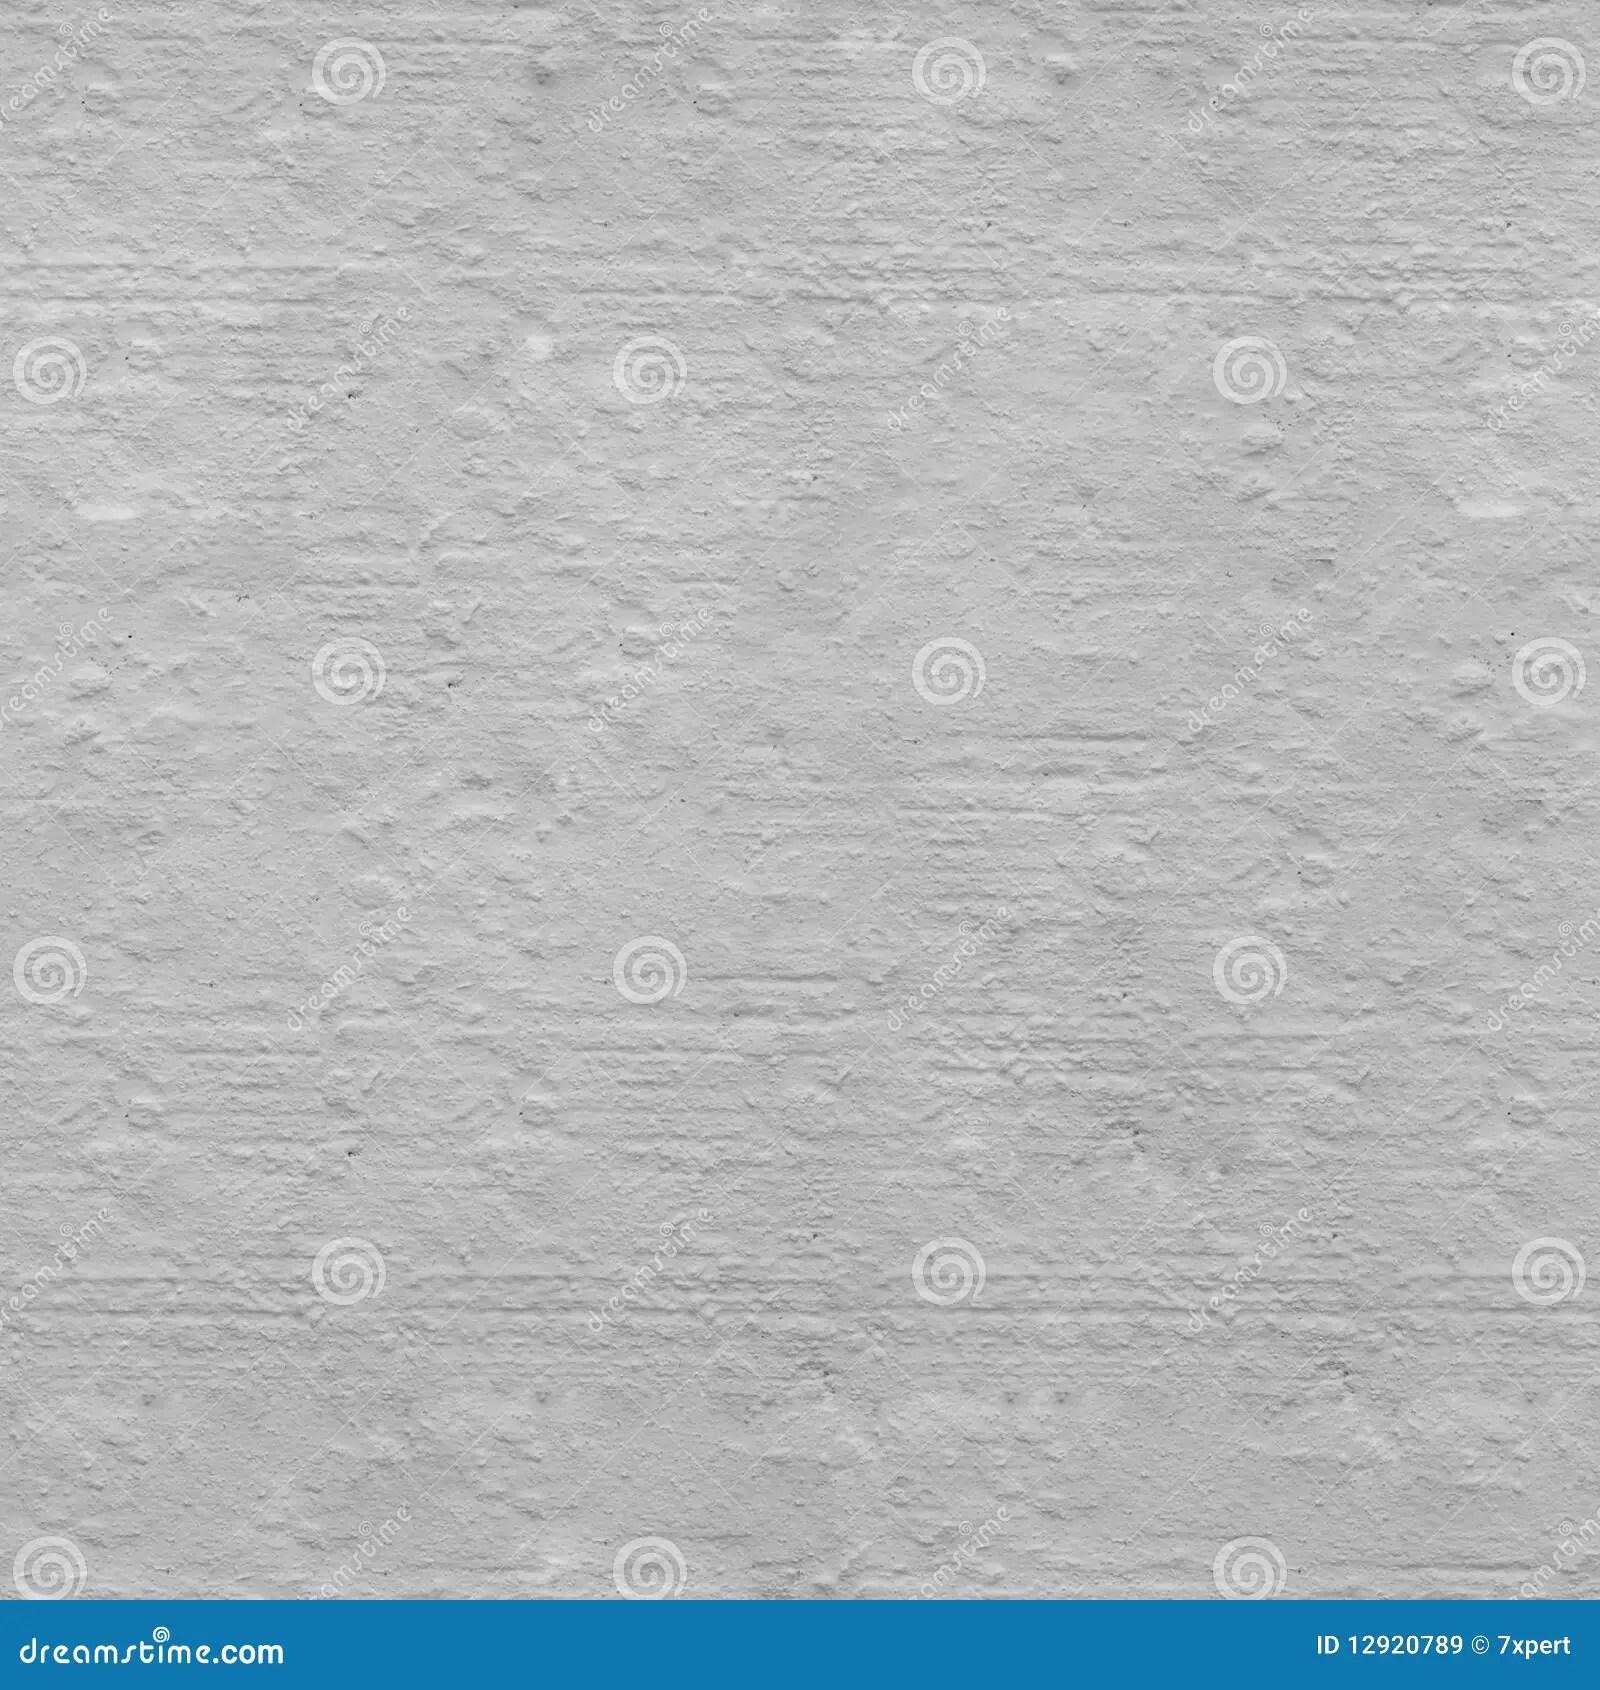 Seamless Asphalt Texture Stock Image Image Of Asphalt